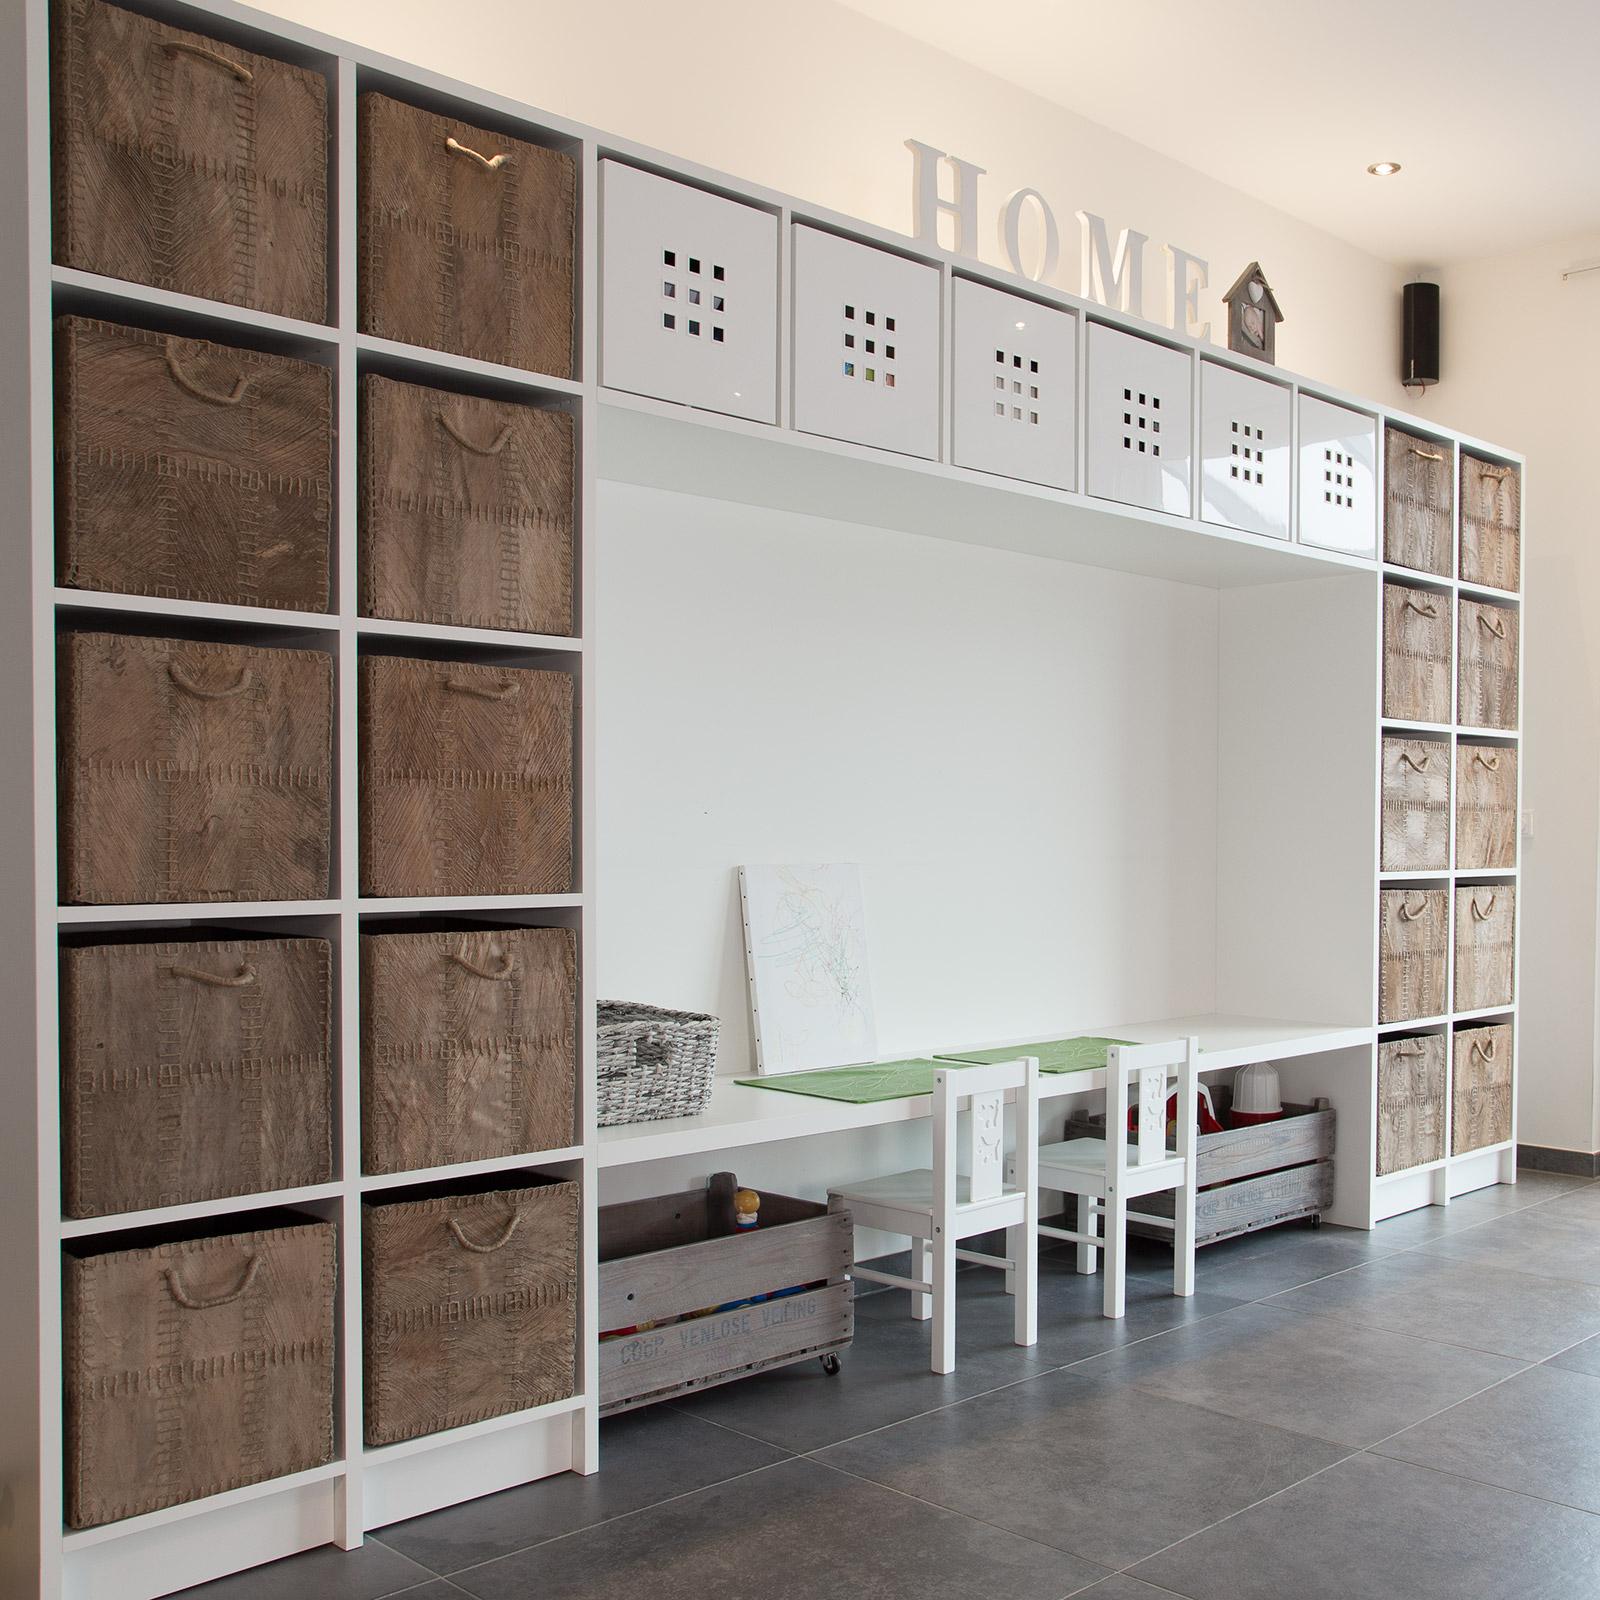 Bergkast werkblad speelkamer cvh design maatinterieur voor wonen en werken - Tienerkamer kleur ...